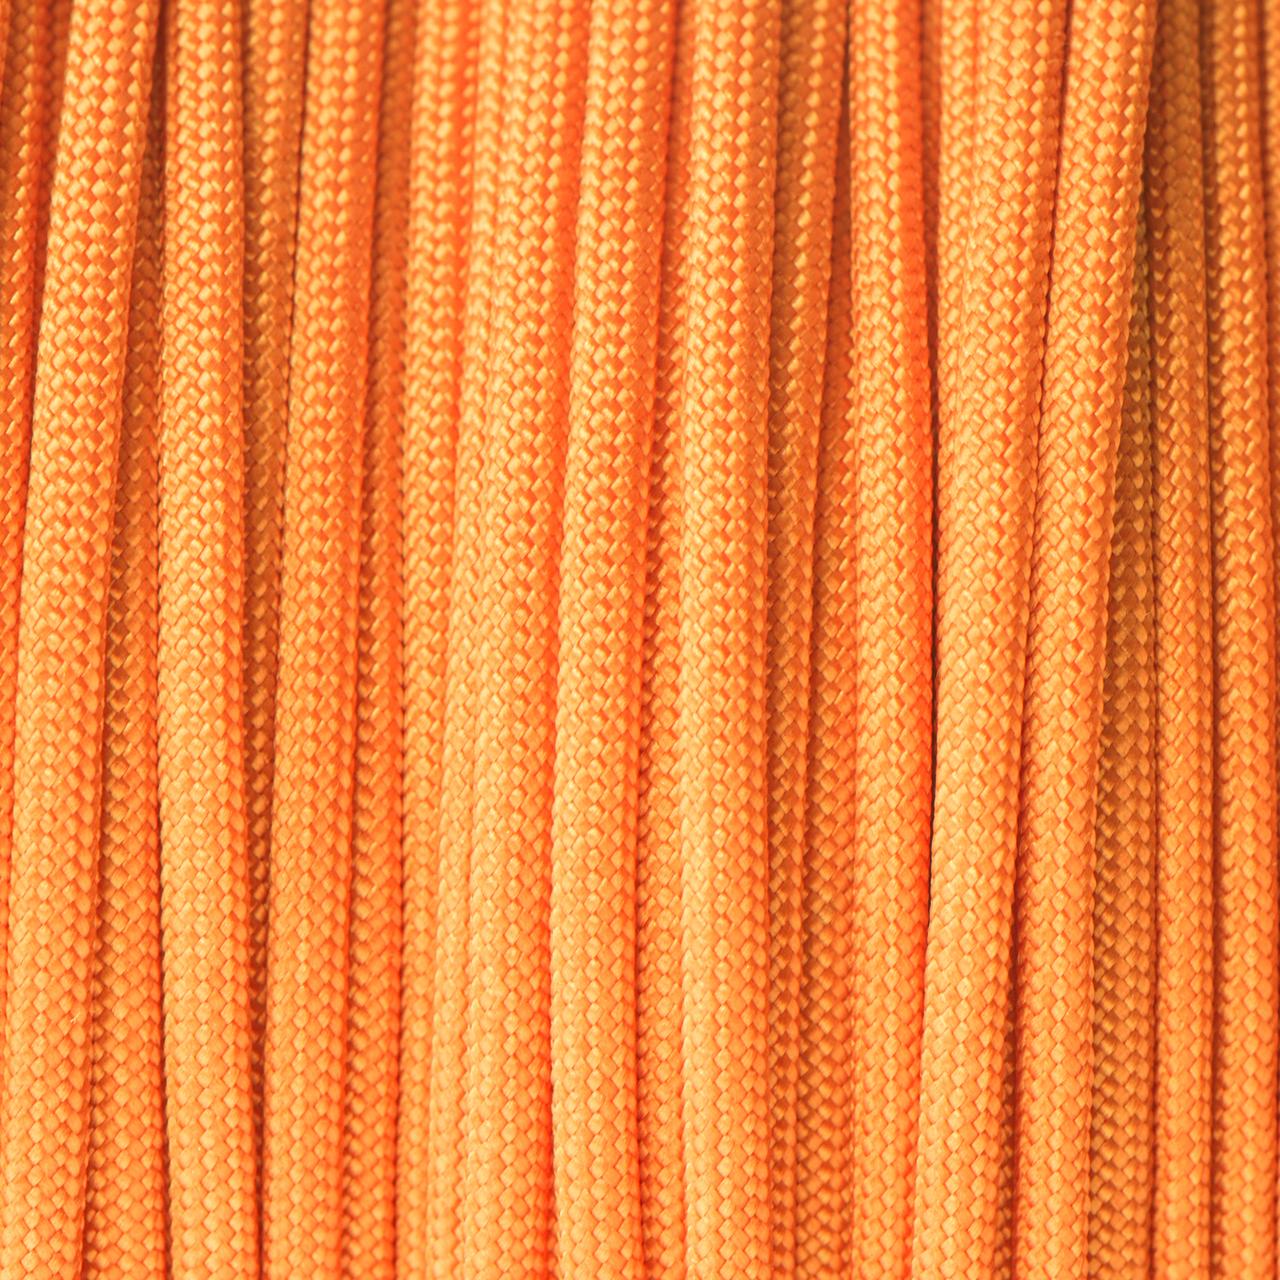 Pastel Oranje Paracord Type III